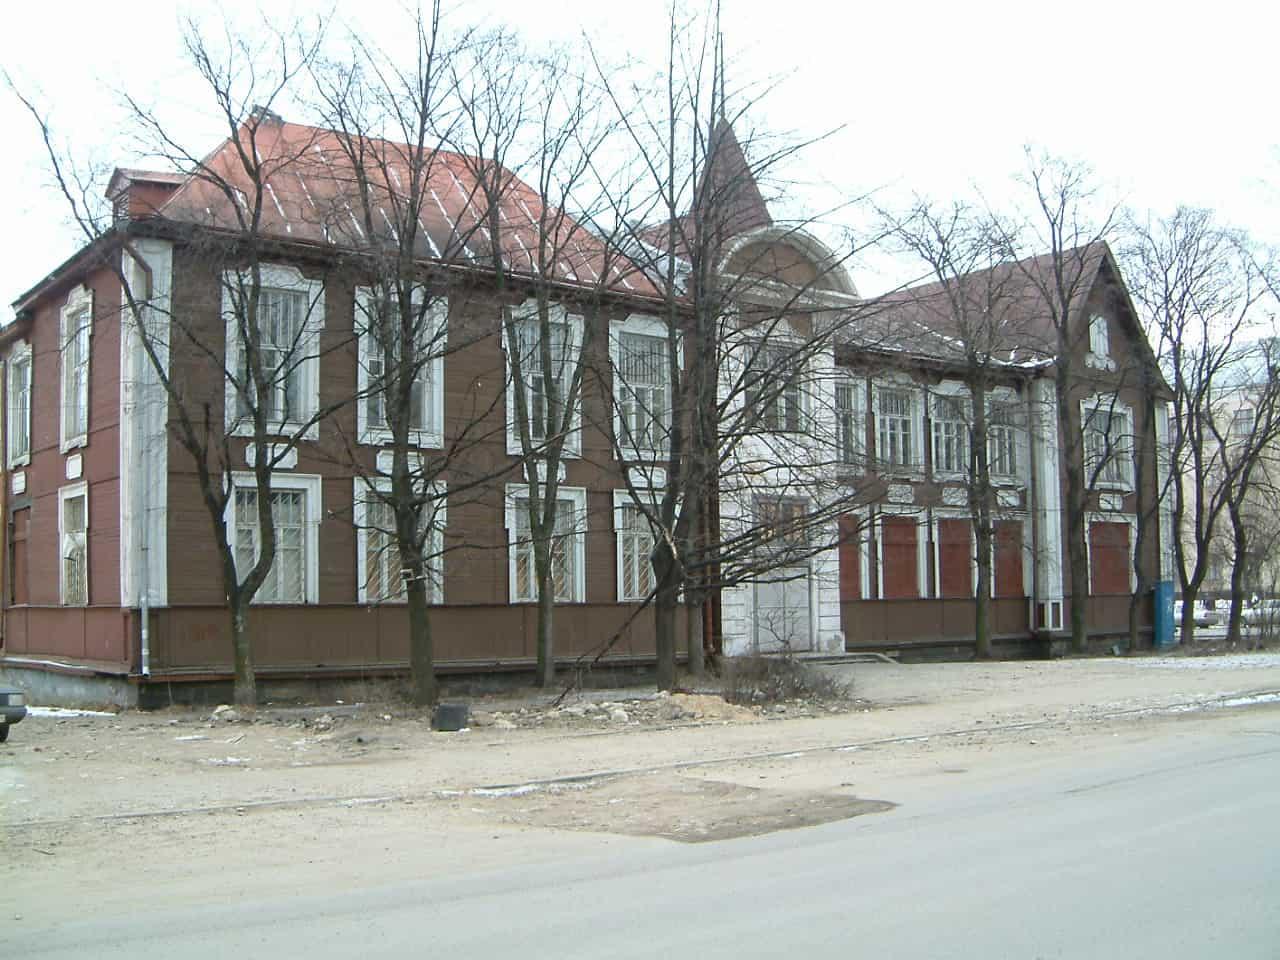 Градозащитники Петрозаводска пытаются сохранить историческое здание детской поликлиники в Петрозаводске